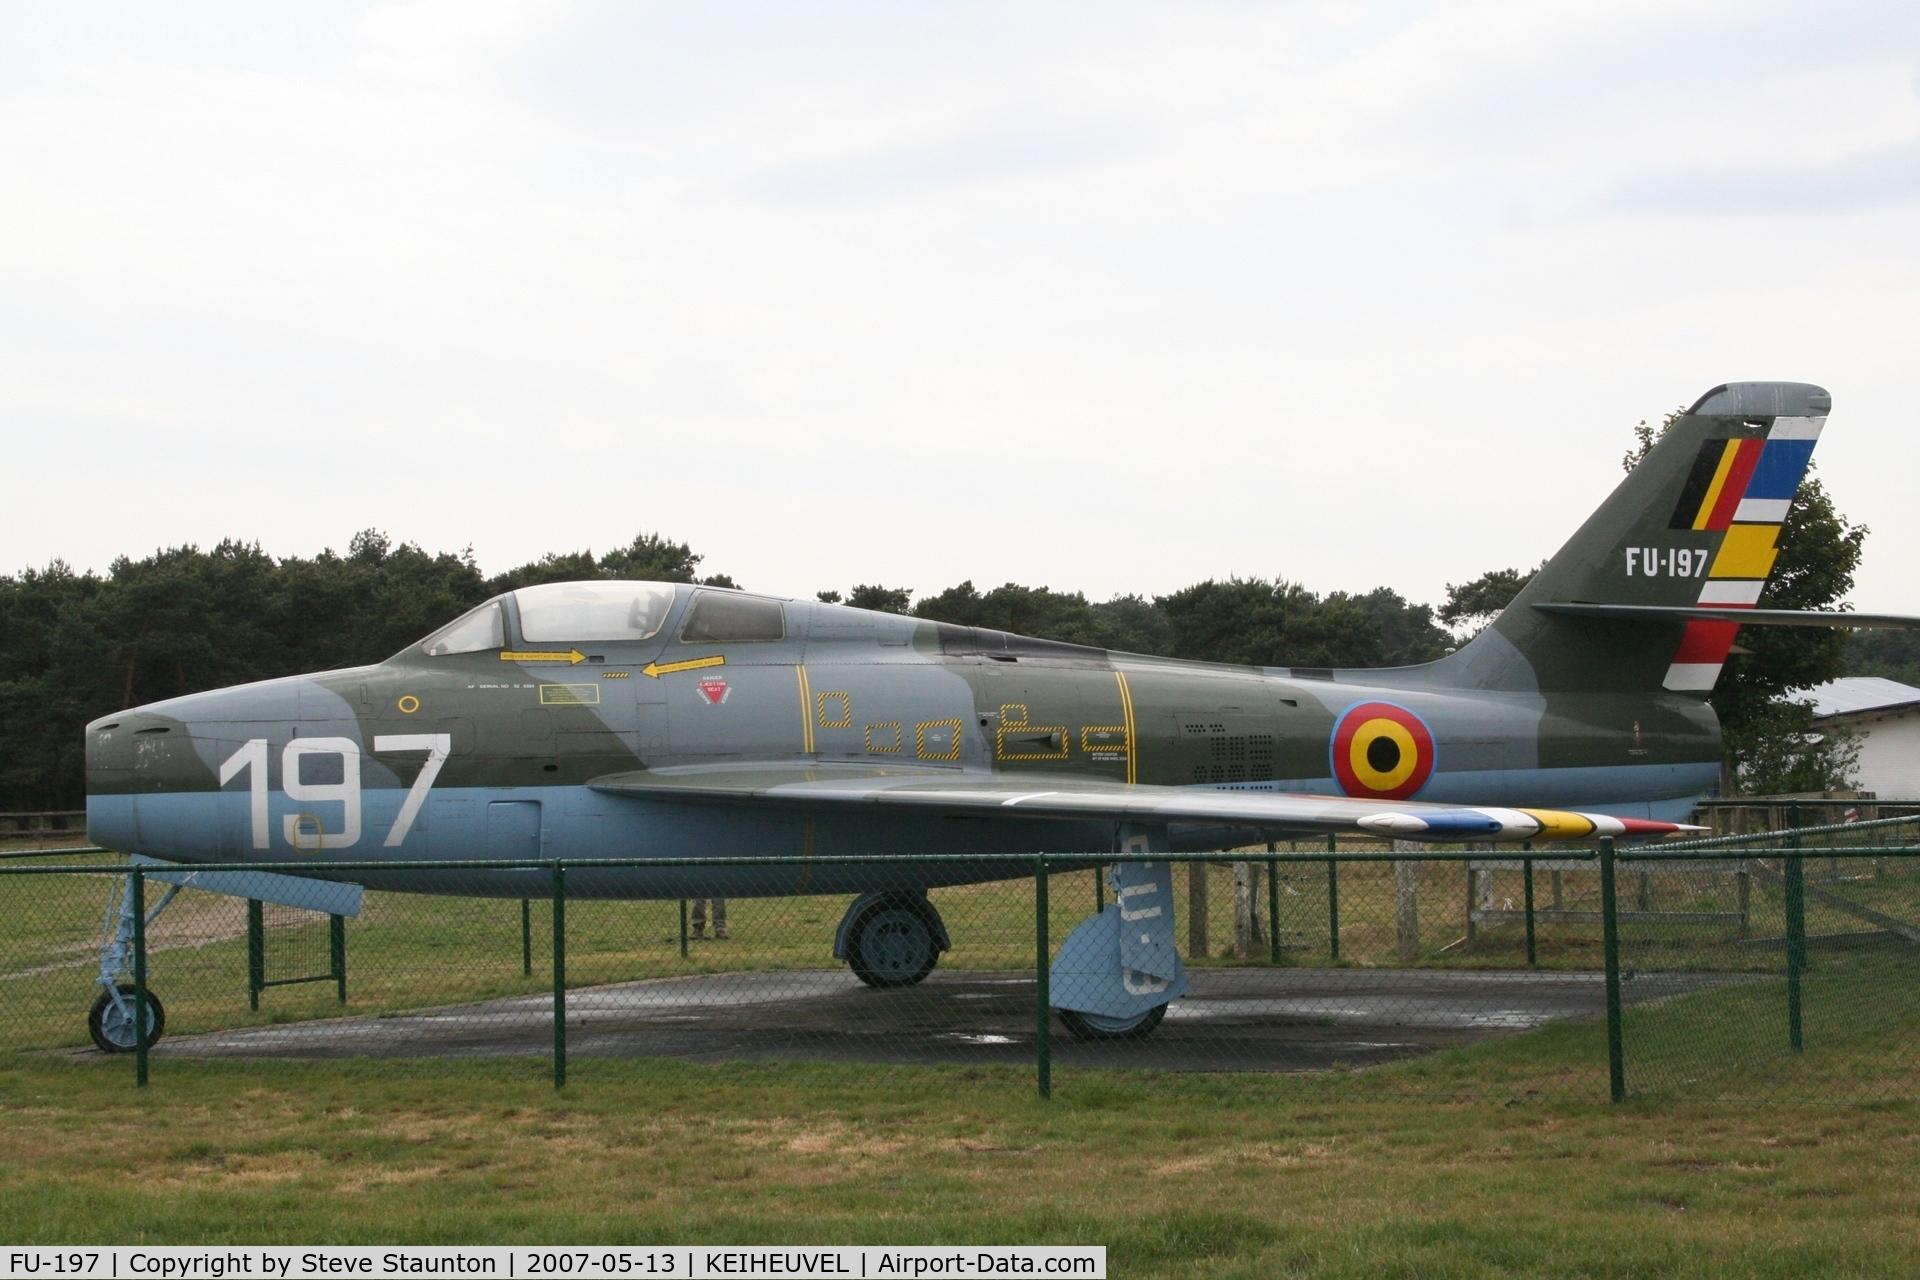 FU-197, Republic F-84F Thunderstreak C/N Not found (52-6584), Taken on an Aeroprint tour @ Keiheuvel